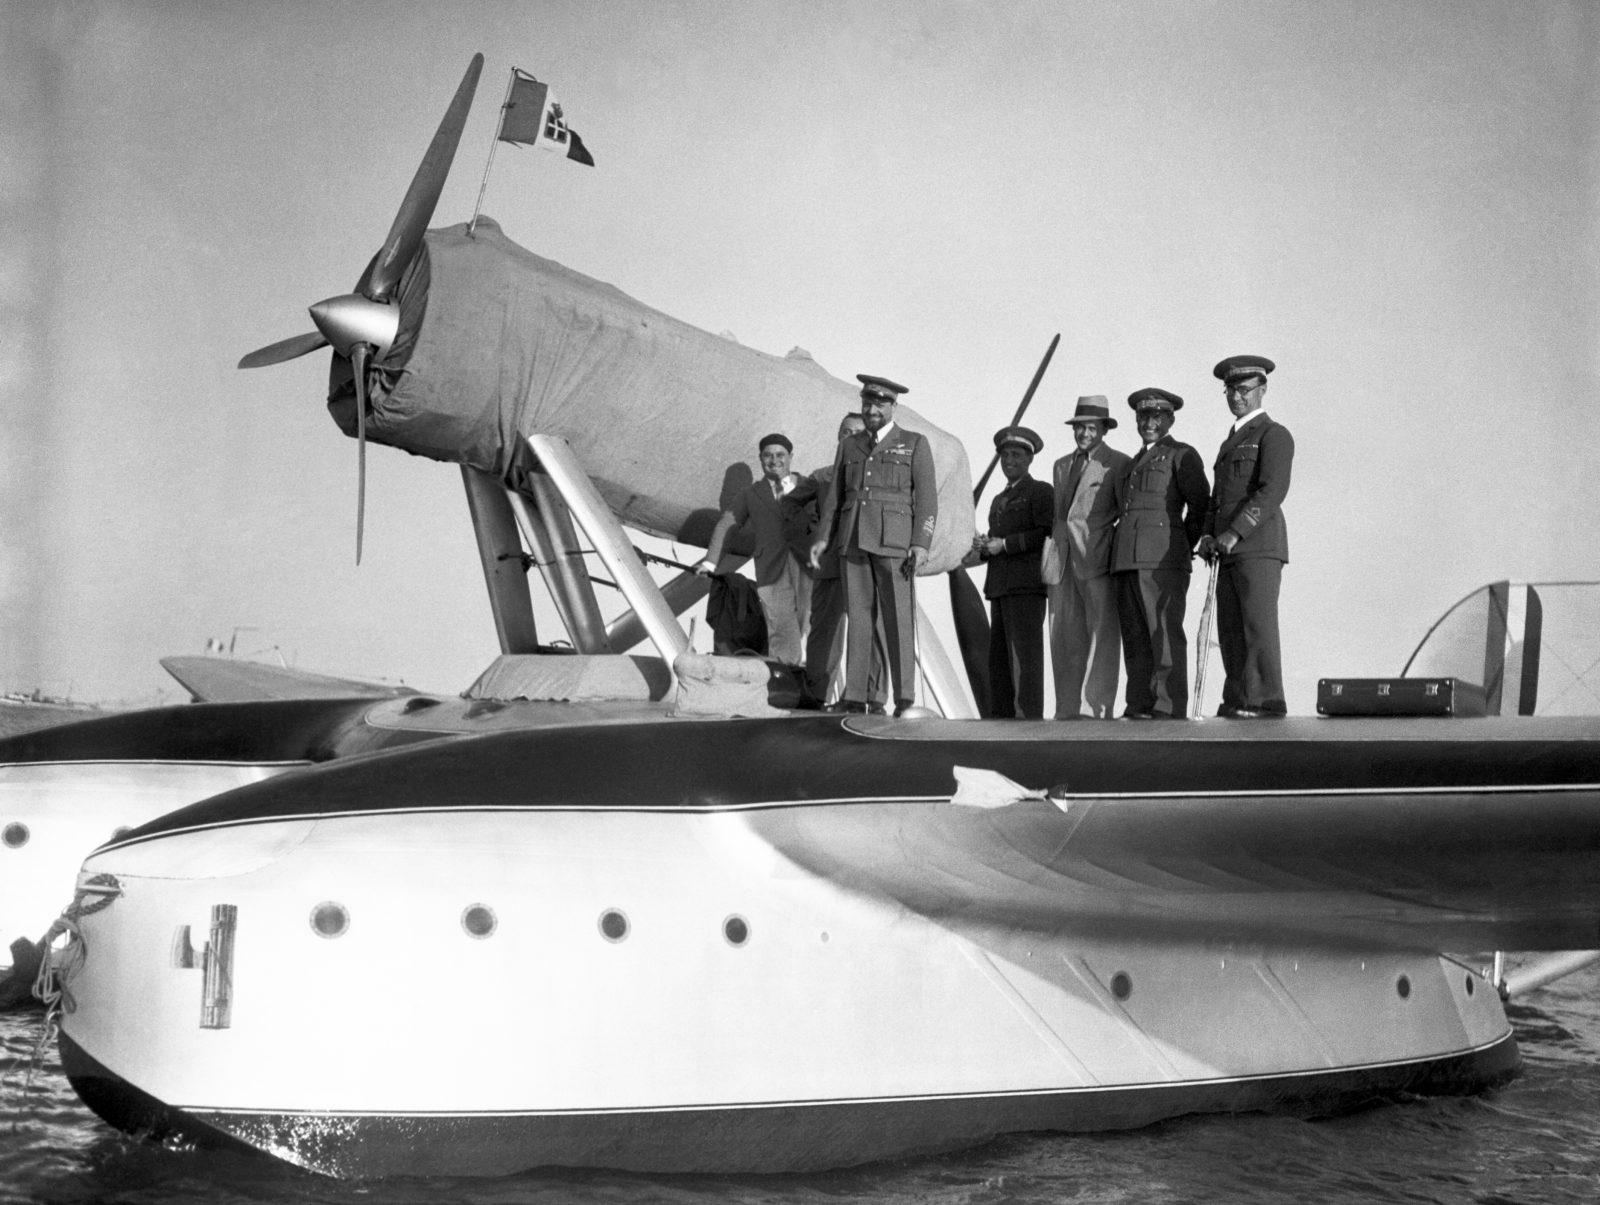 Le crociere atlantiche di Italo Balbo si svolsero nel 1931 e nel 1933 (foto: ilgiornale.it)